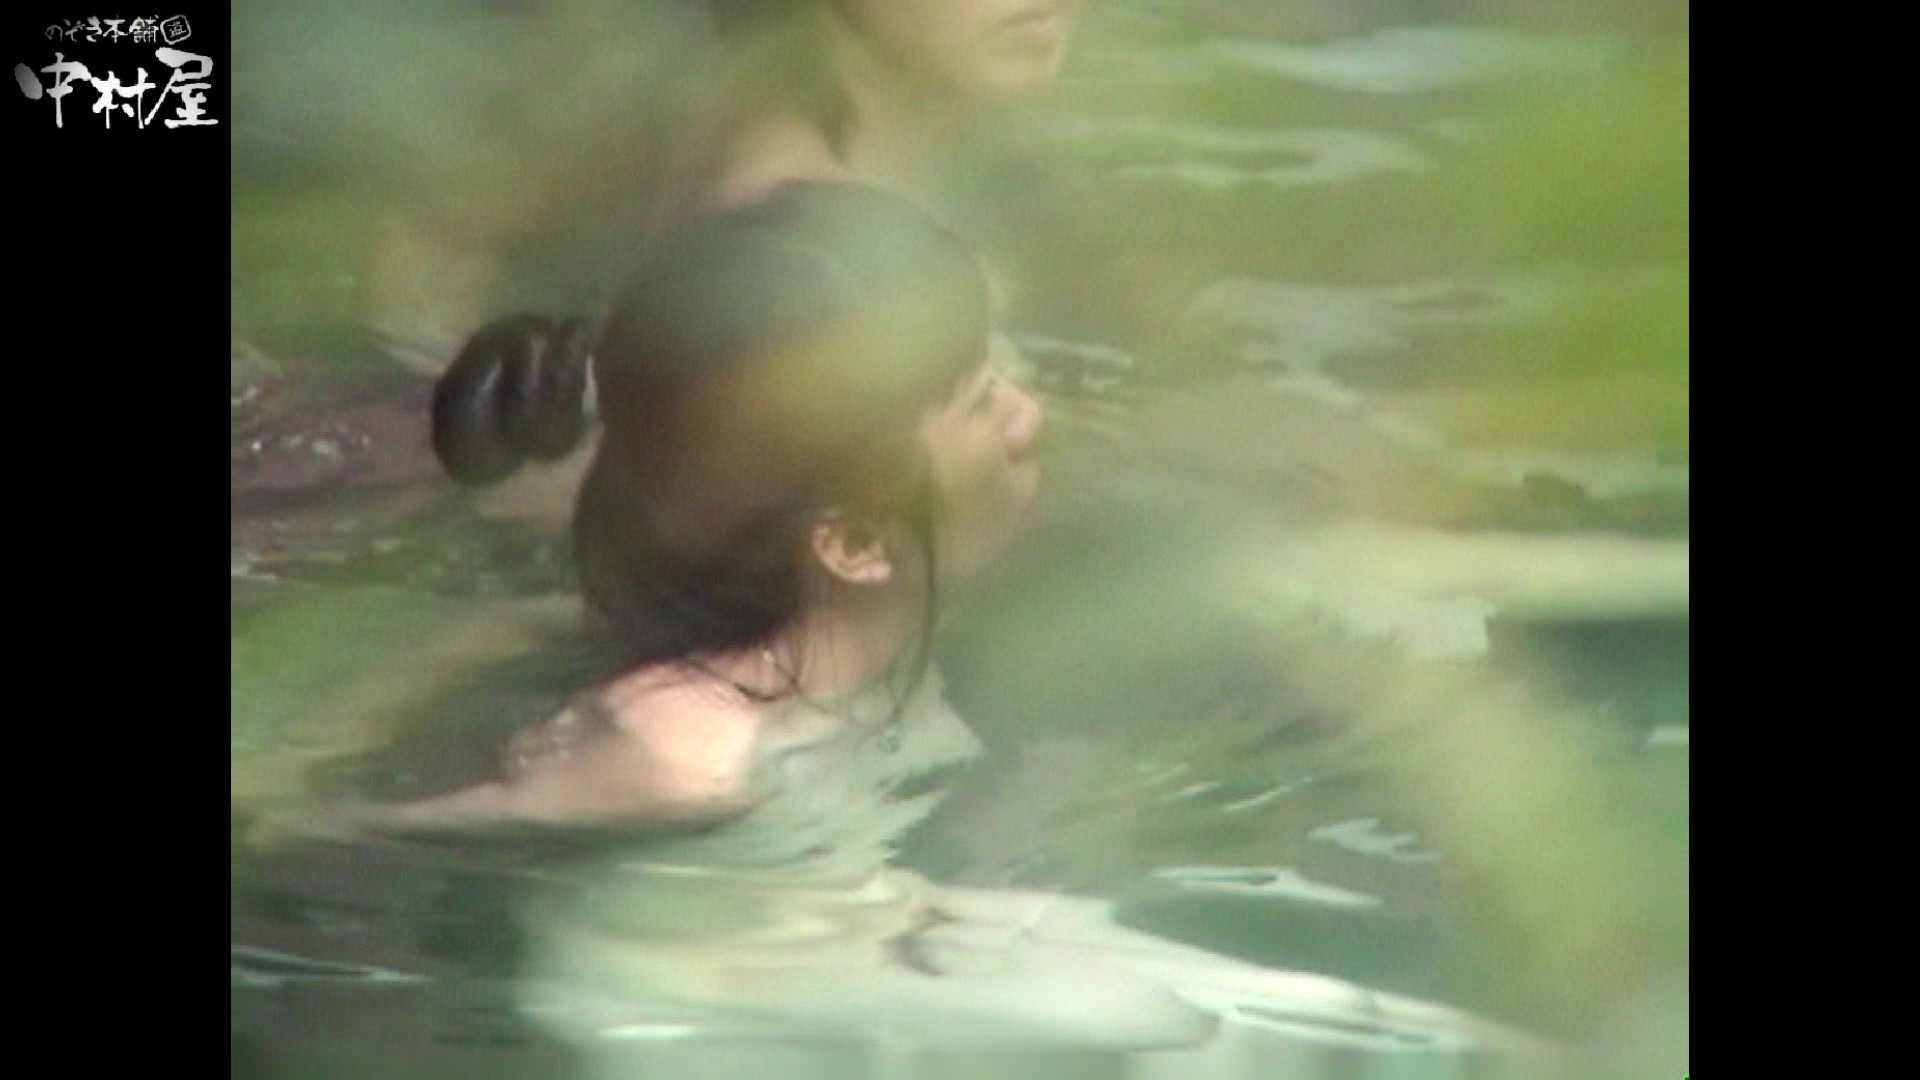 Aquaな露天風呂Vol.953 美しいOLの裸体 アダルト動画キャプチャ 70pic 26